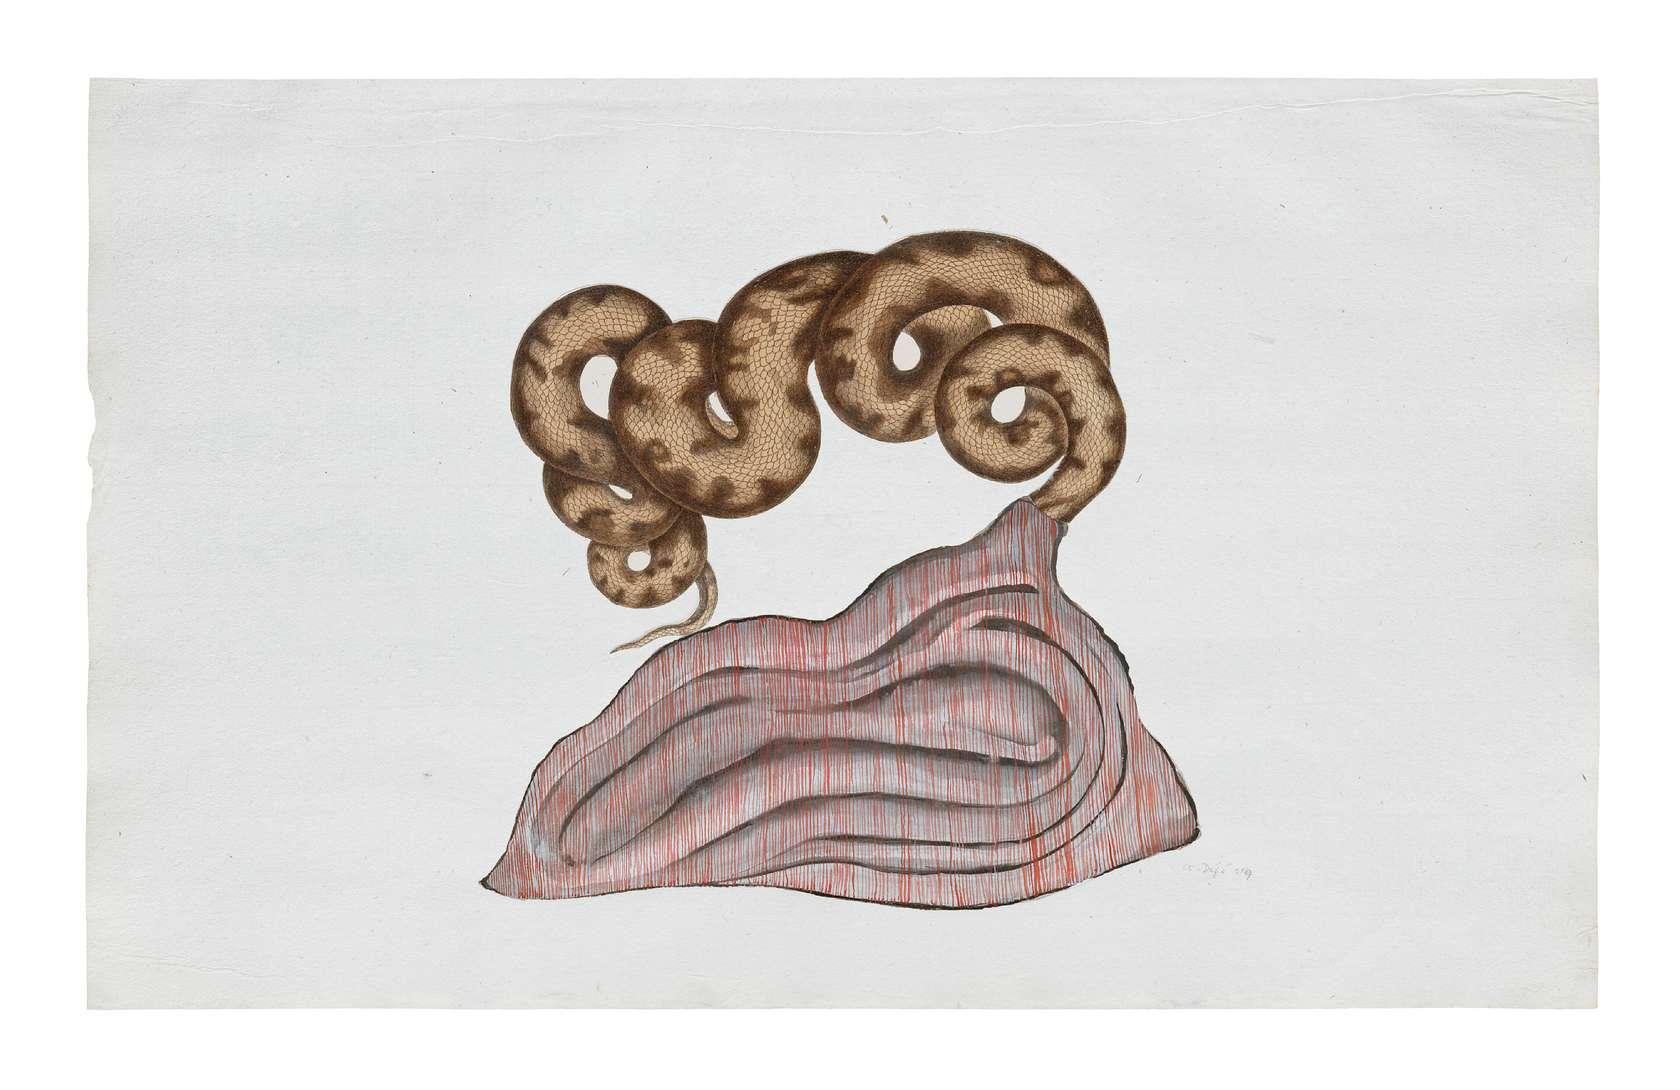 Guillaume Dégé, Sans titre, 2014 Gouache et collage sur papier XVIIIème21 x 34cm / 8 2/8 x 13 3/8inches